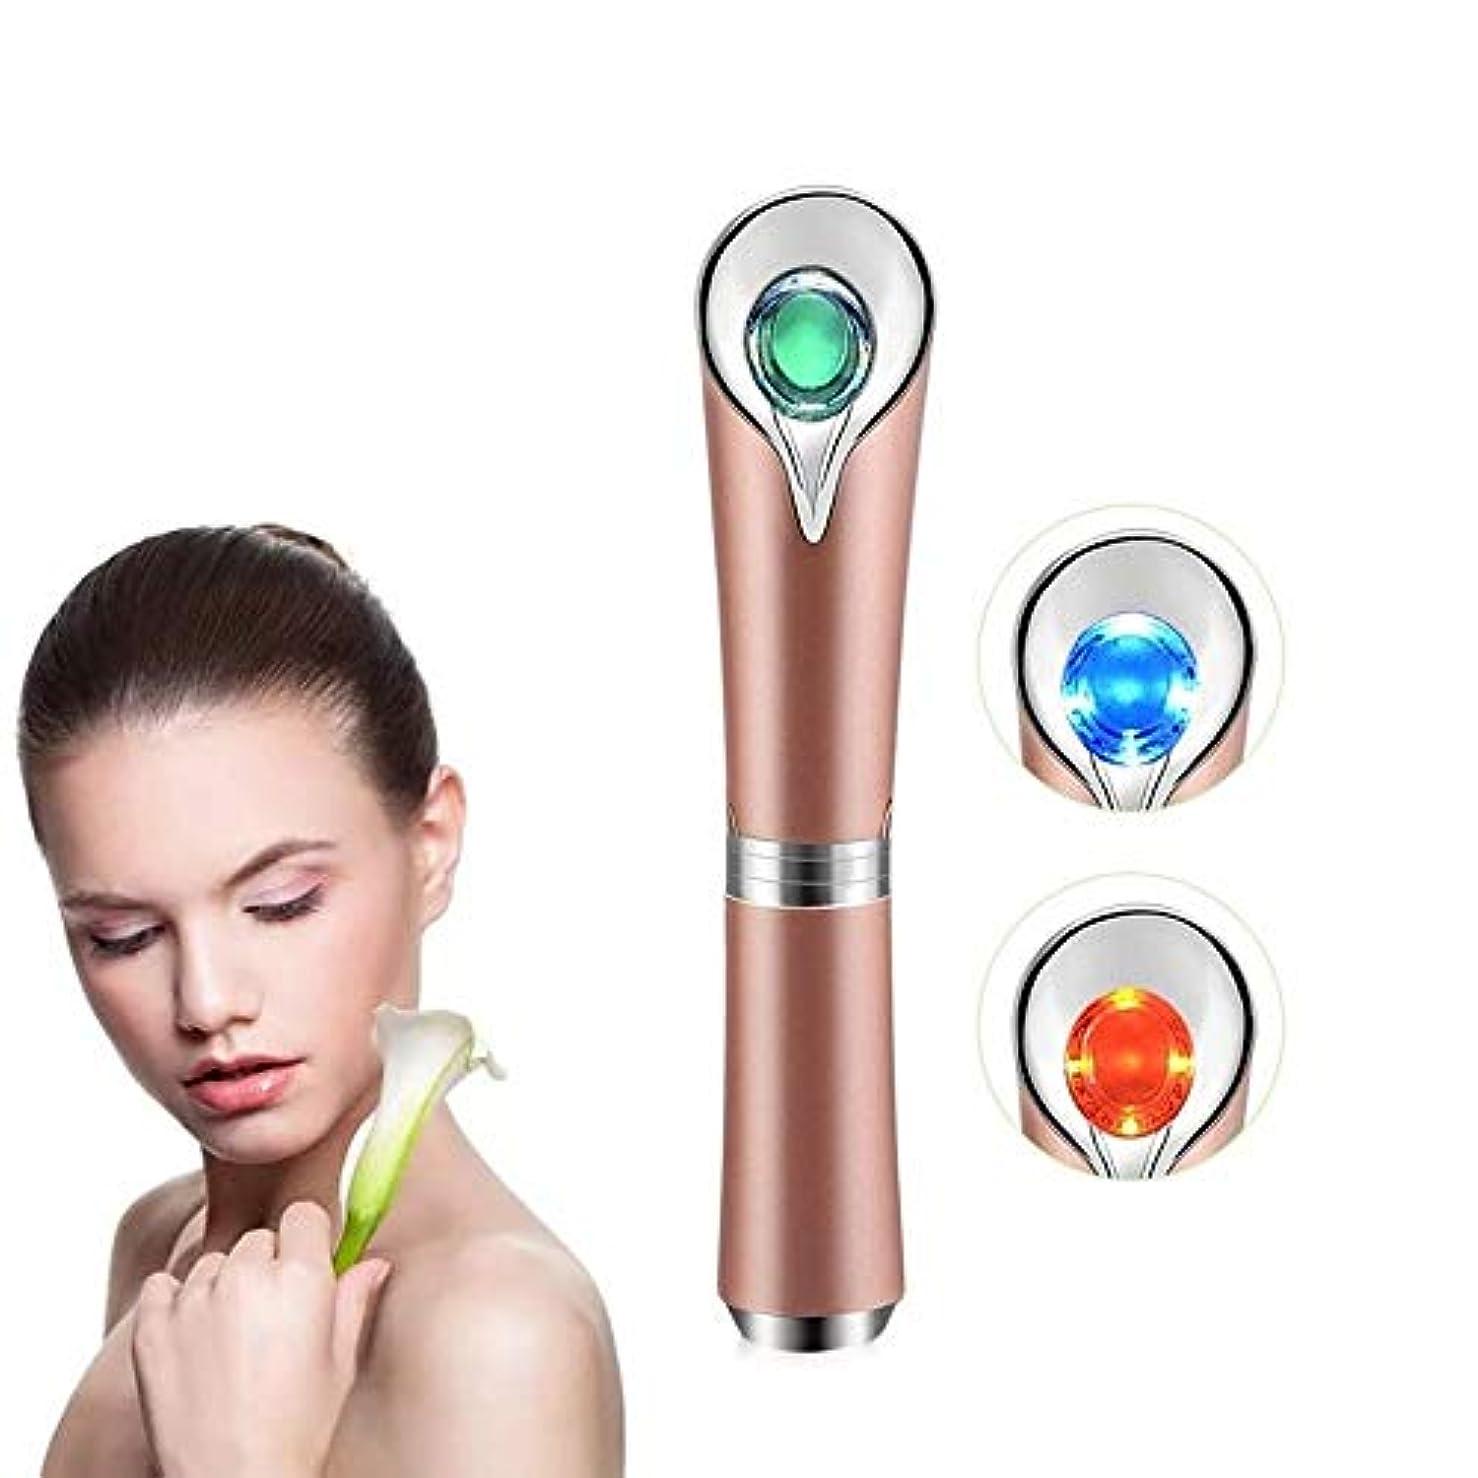 感じる推定するリル目、フェイス&ネック、USBの充電用美顔器の振動イオンソニック振動美顔器アイ?マッサージツールスキンケアデバイス